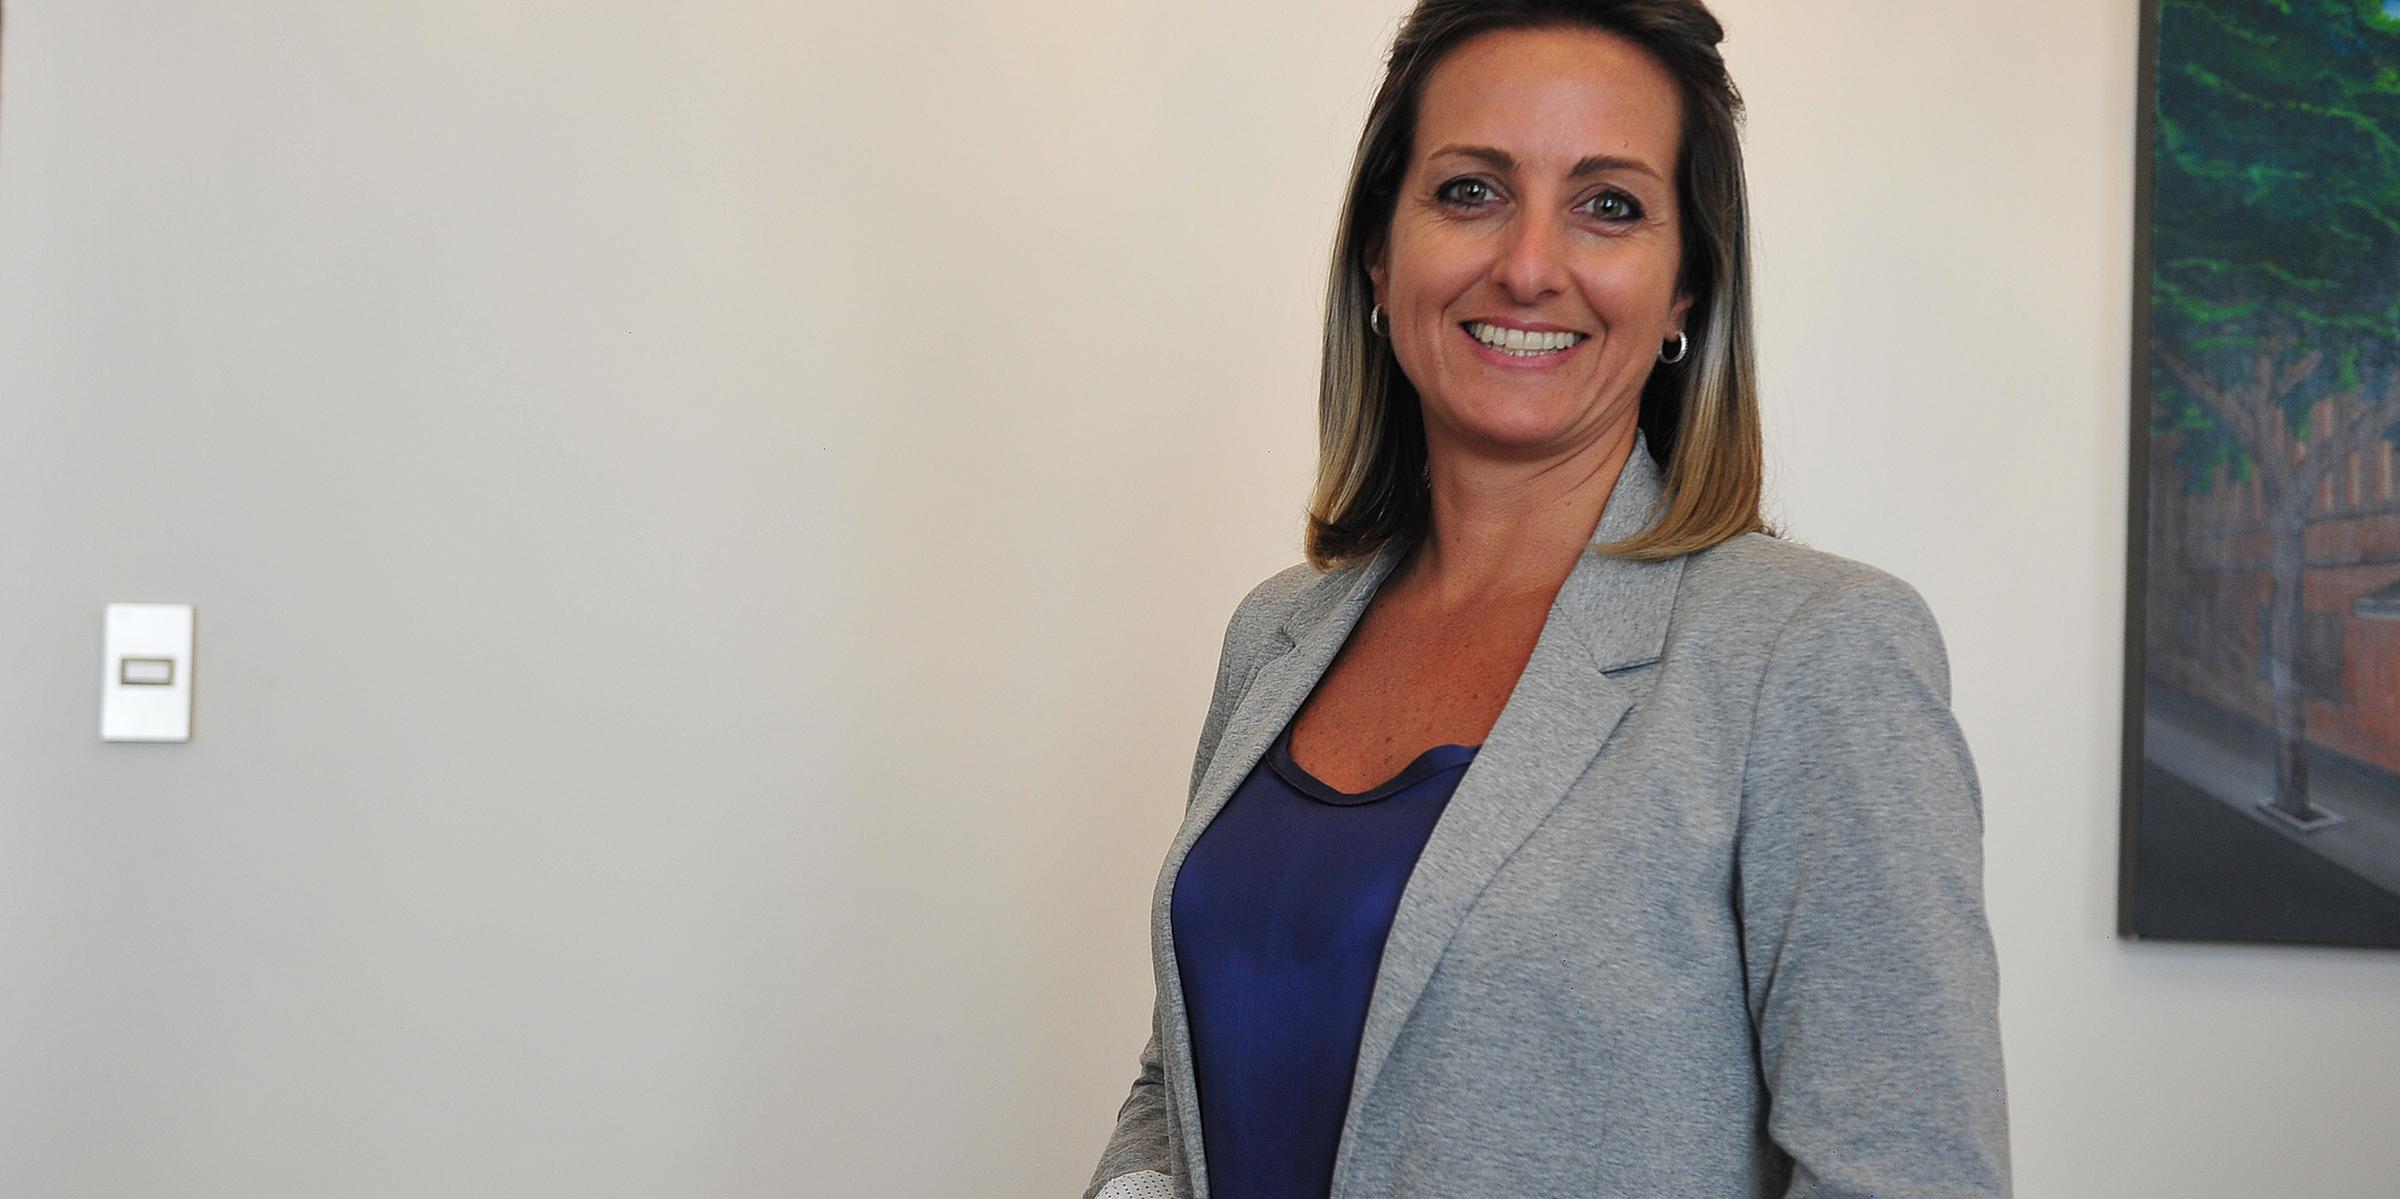 Presidente da Federasul, Simone Leite, pede aos gestores públicos a flexibilização dos decretos